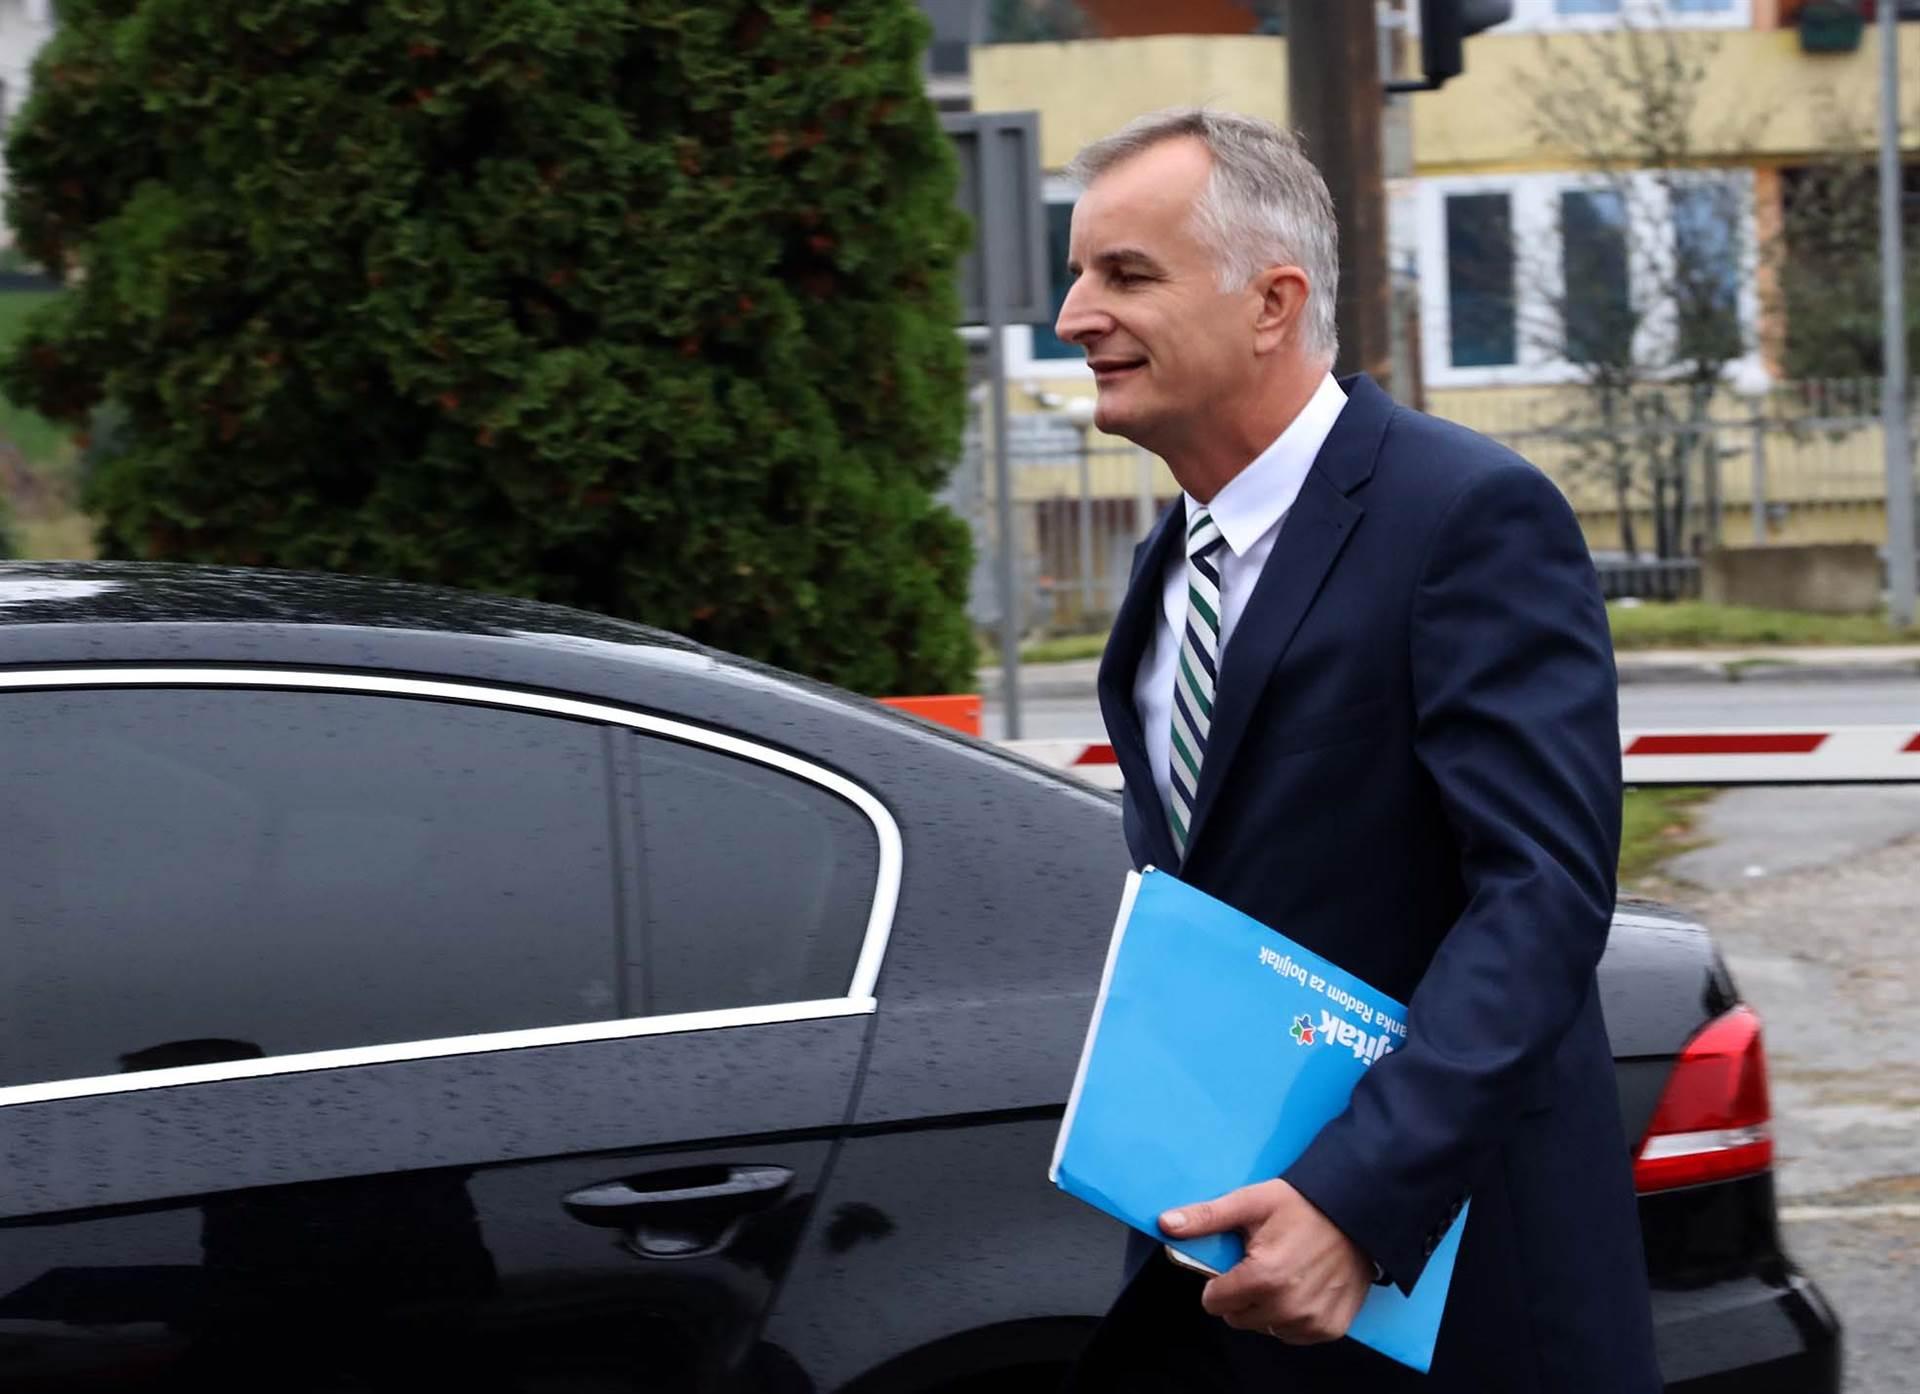 Tužilaštvo smatra dokazanim optužbe protiv Lijanovića i ostalih